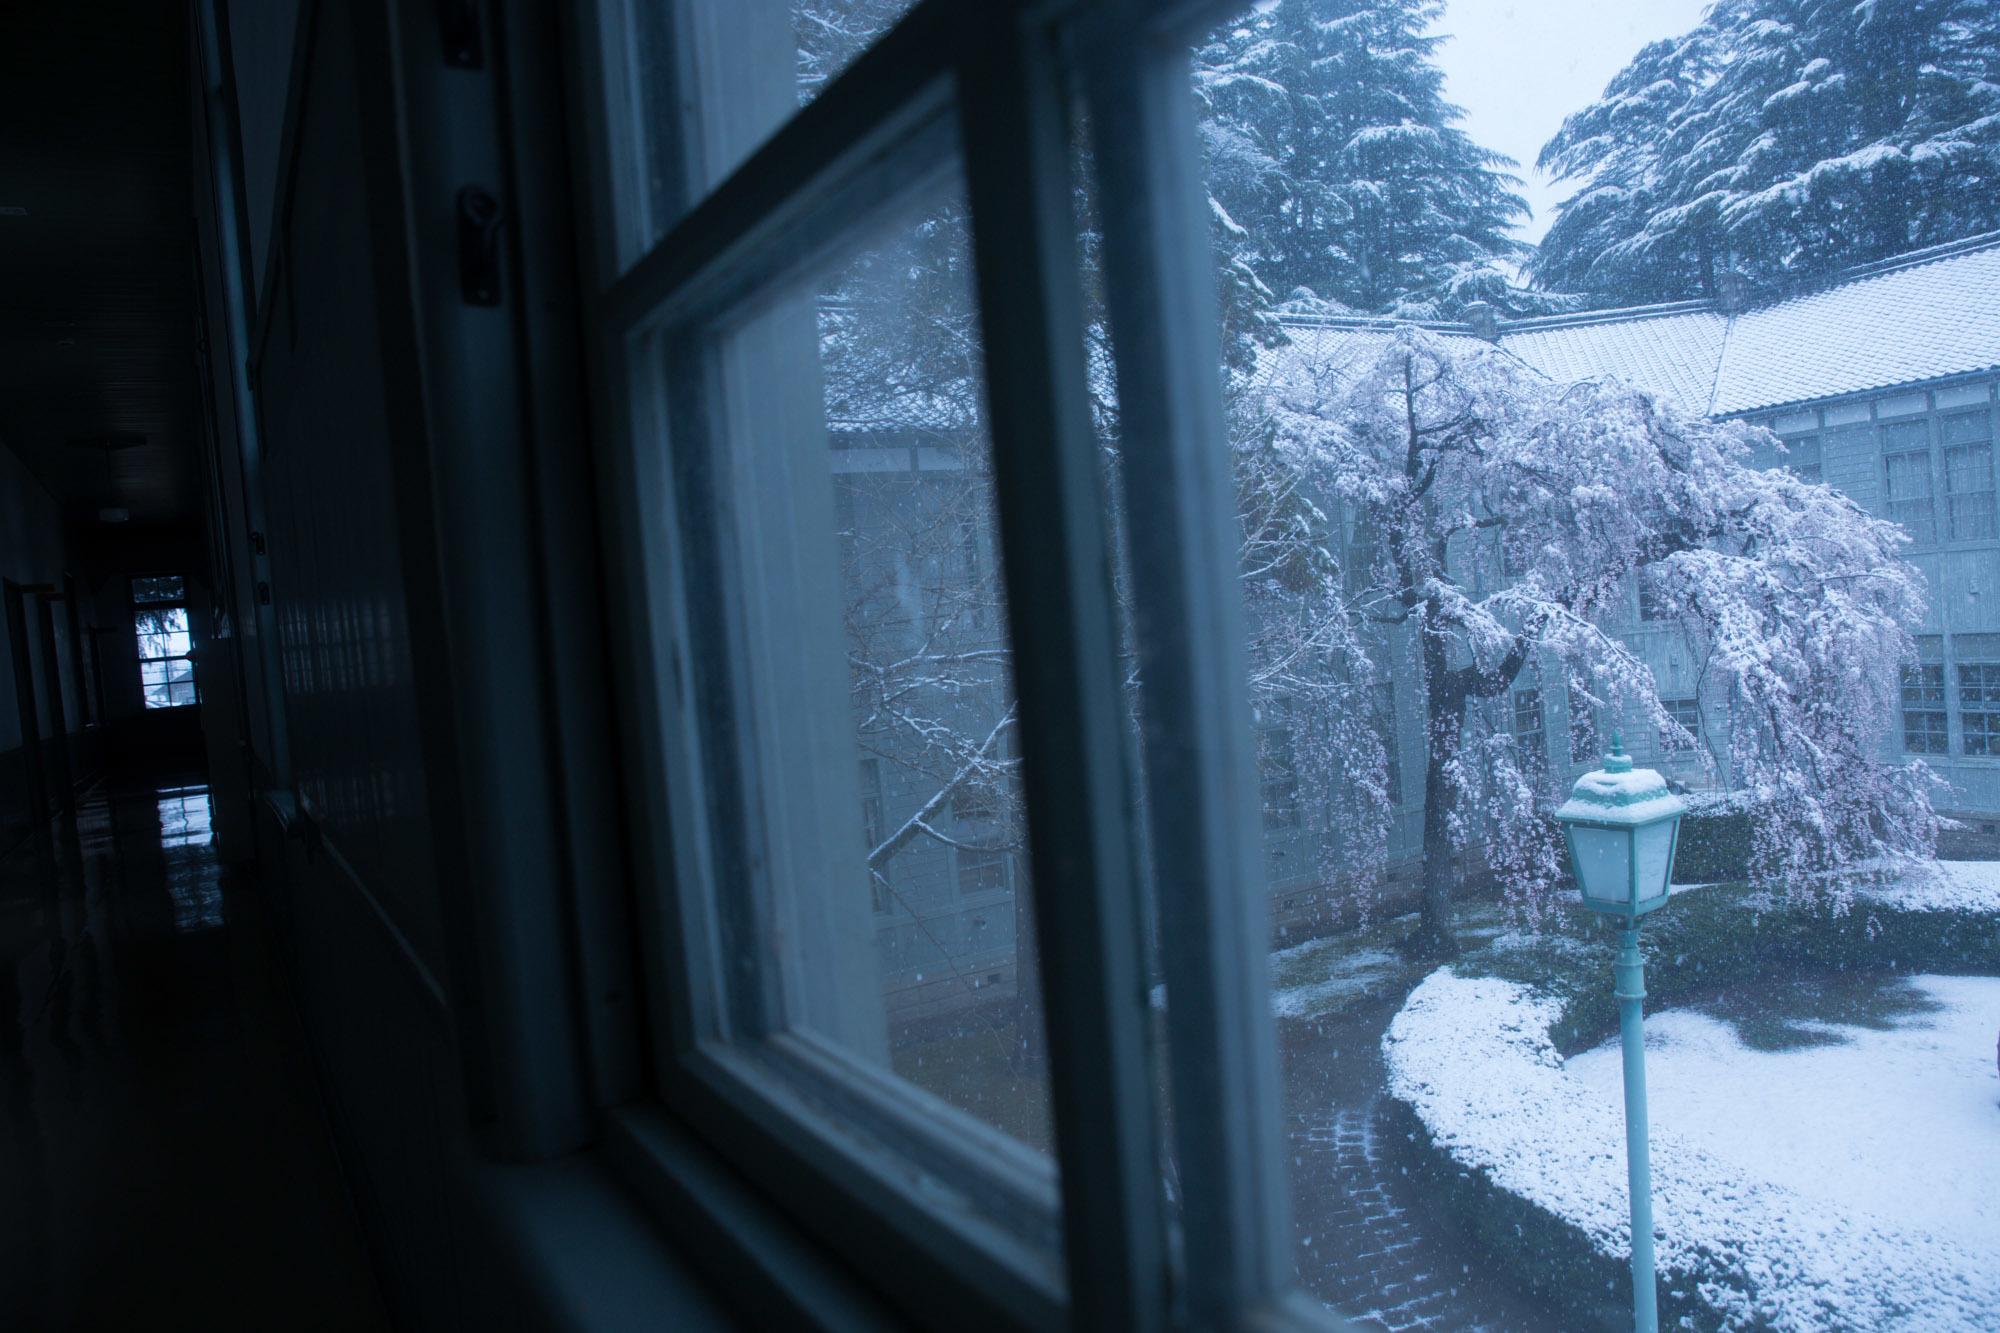 なごり雪の窓辺~あがたの森の枝垂桜~_d0349418_20491150.jpg